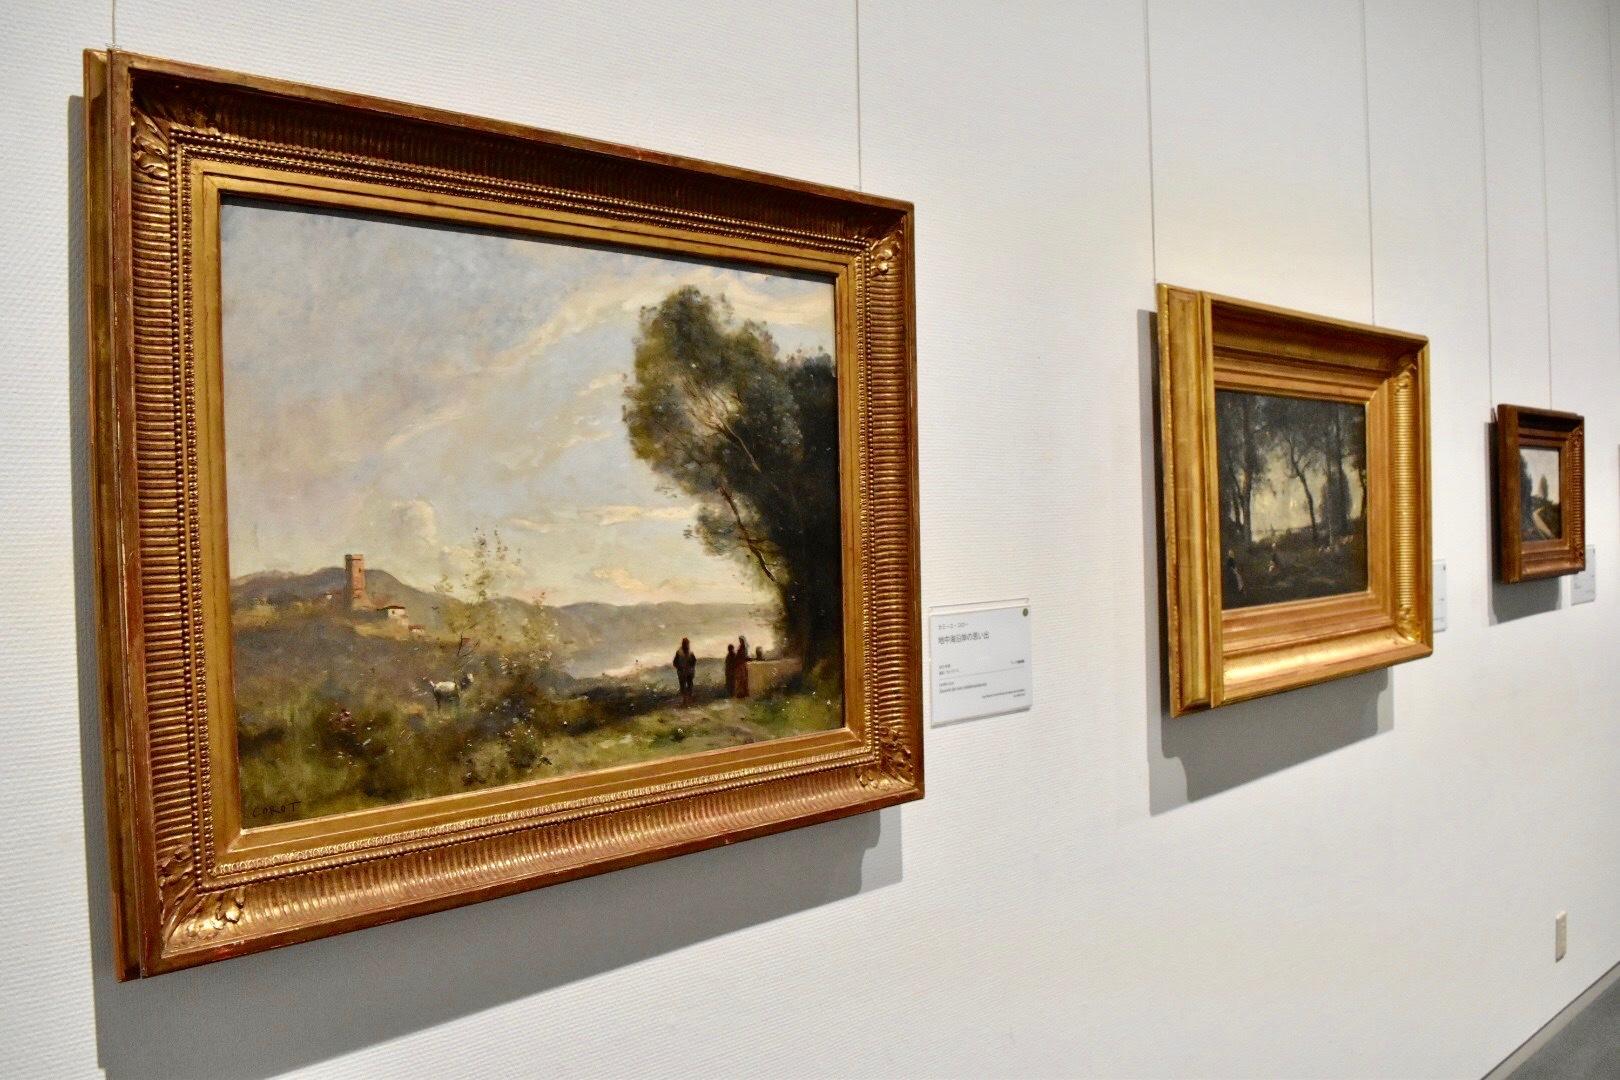 左:カミーユ・コロー 《地中海沿岸の思い出》 1873年頃 ランス美術館蔵